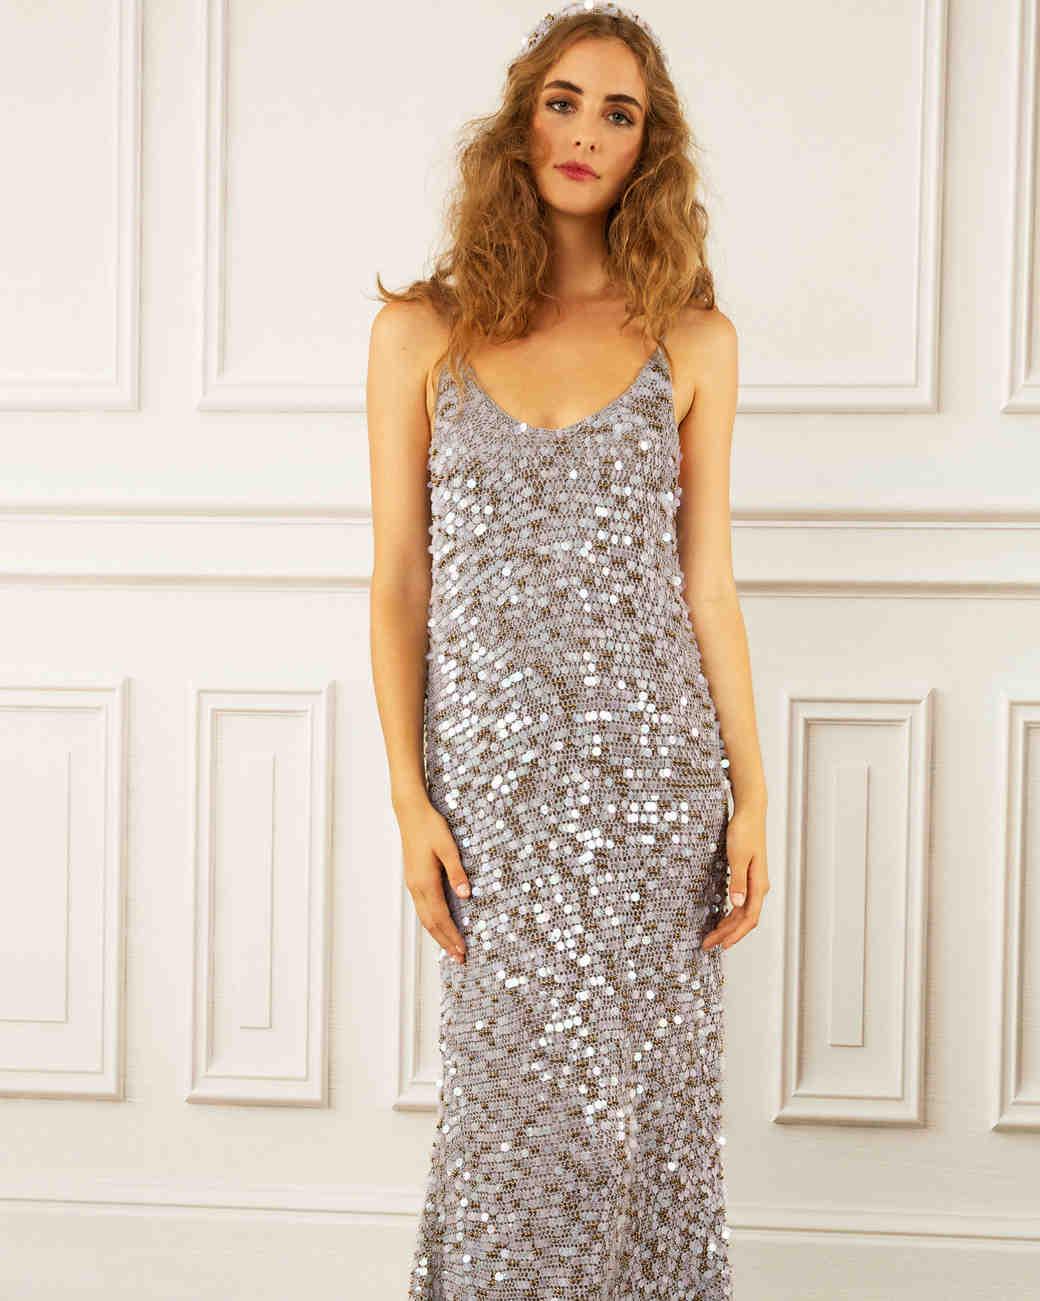 maria korovilas wedding dress spring 2017 silver metallic long